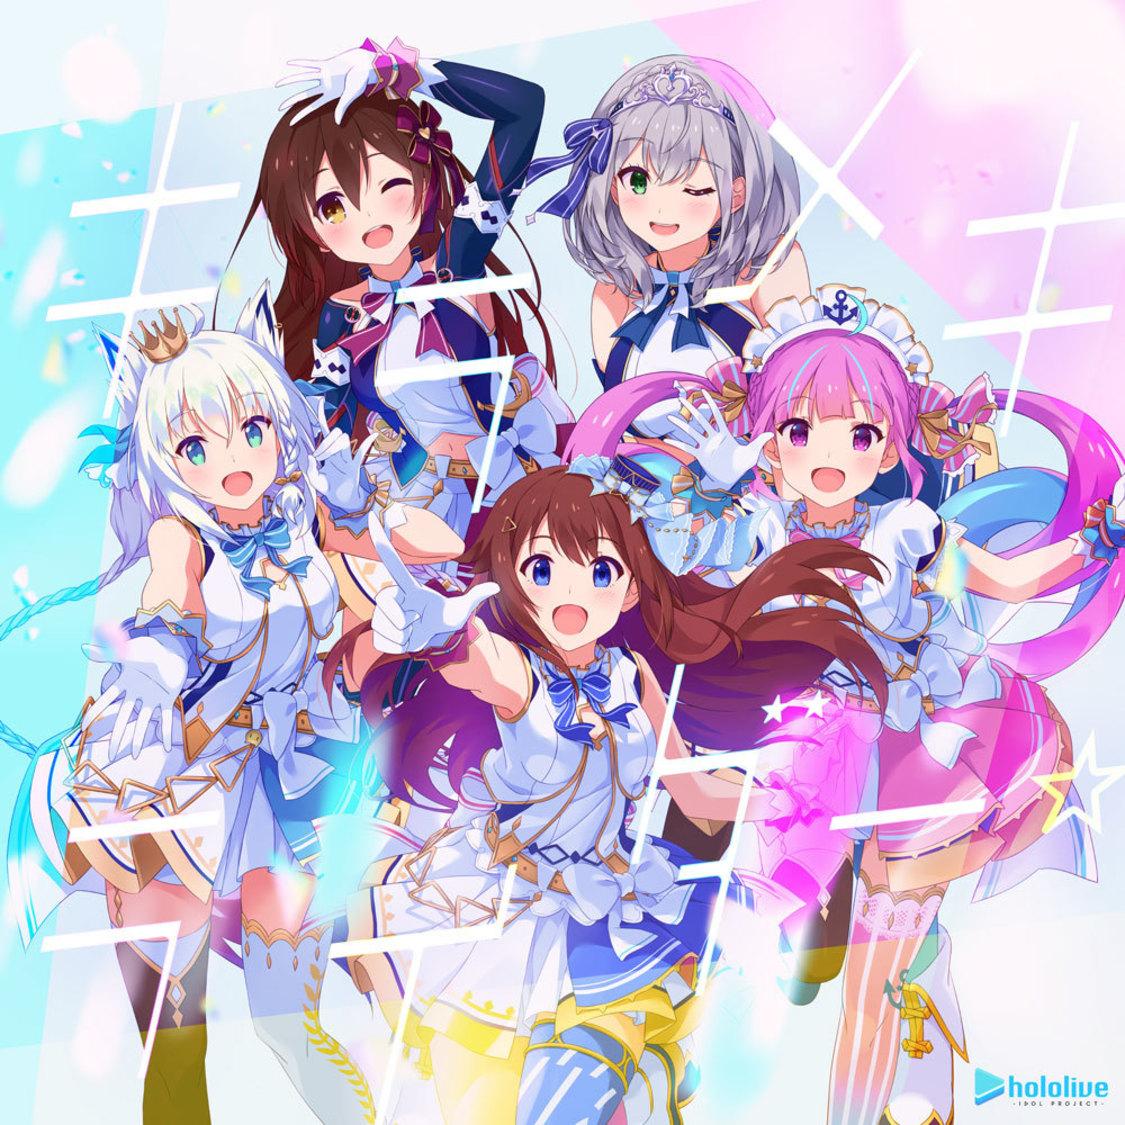 ときのそら、ロボ子さんら参加の楽曲「キラメキライダー☆」がリリース!歌詞付きPVも公開